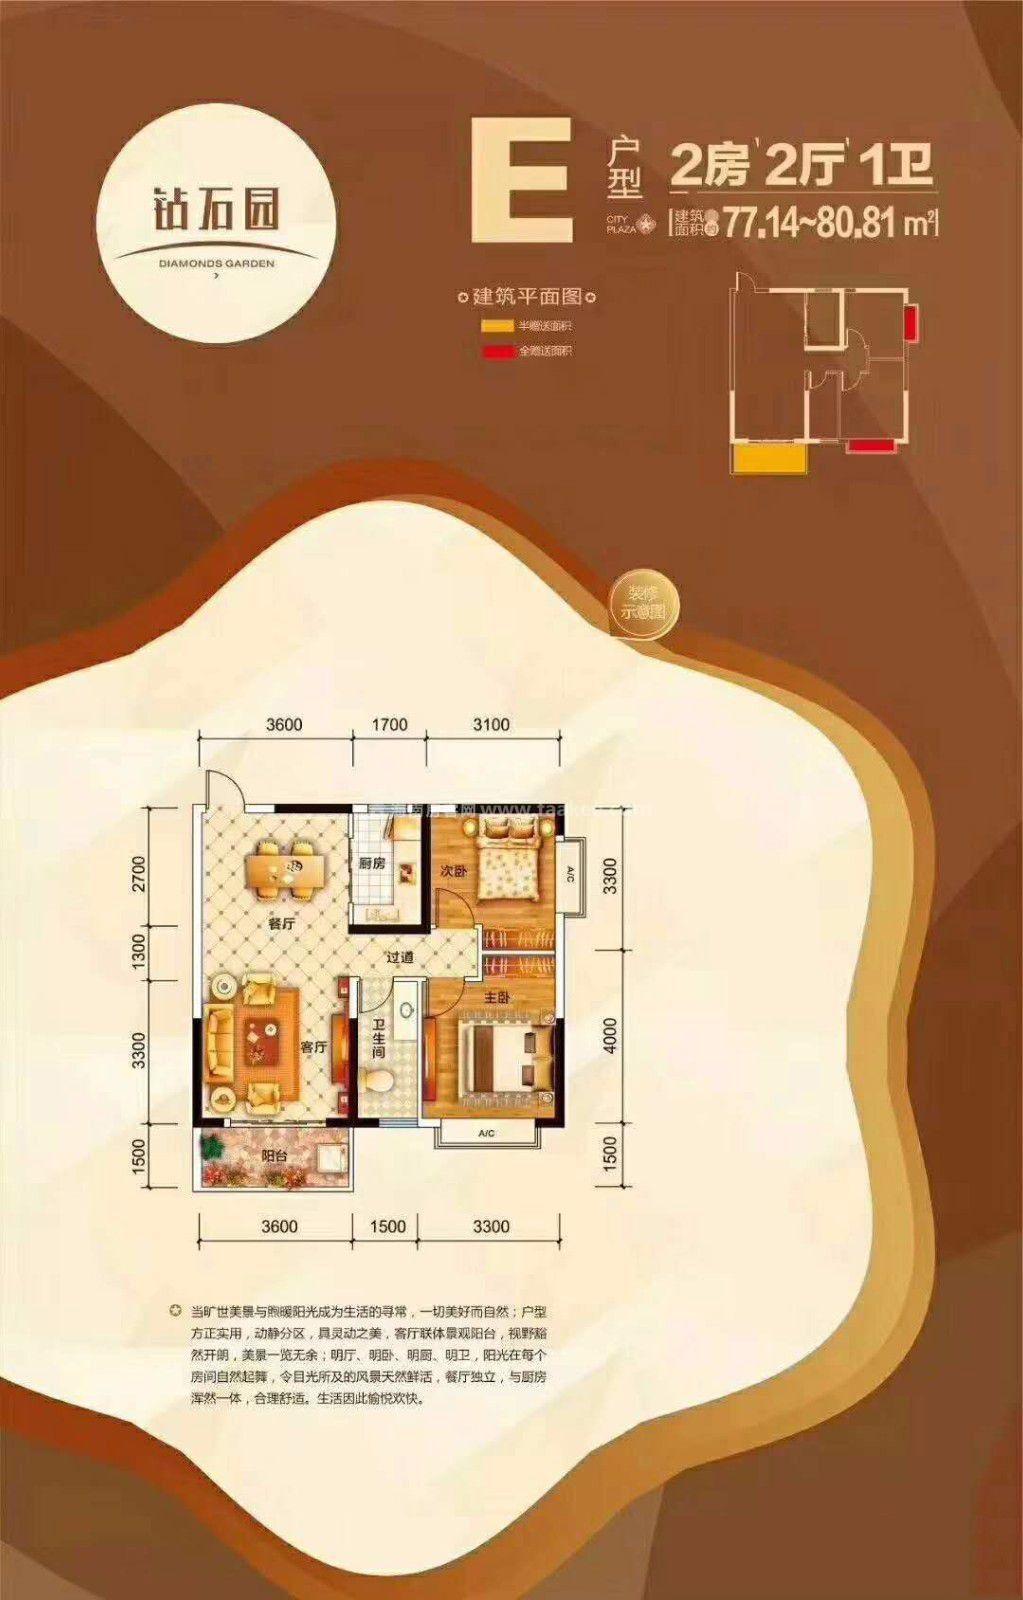 2室2厅1卫1厨 建筑面积77.14㎡